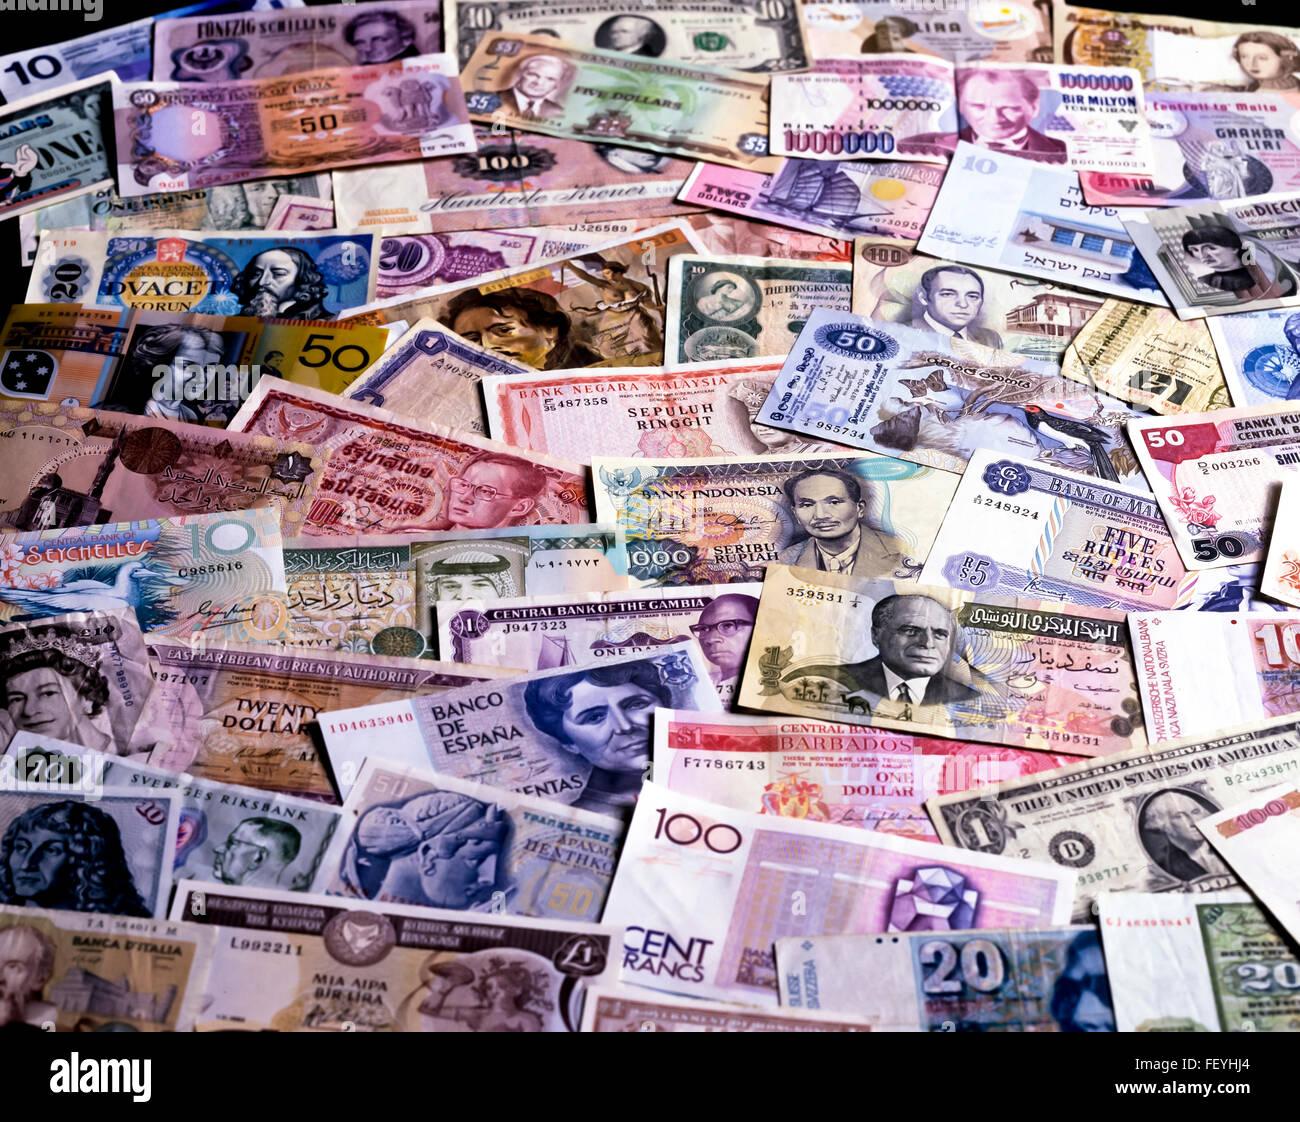 AA 6881. Archivierung der 1990er Jahre International und Pre-Euro-Banknoten Stockbild